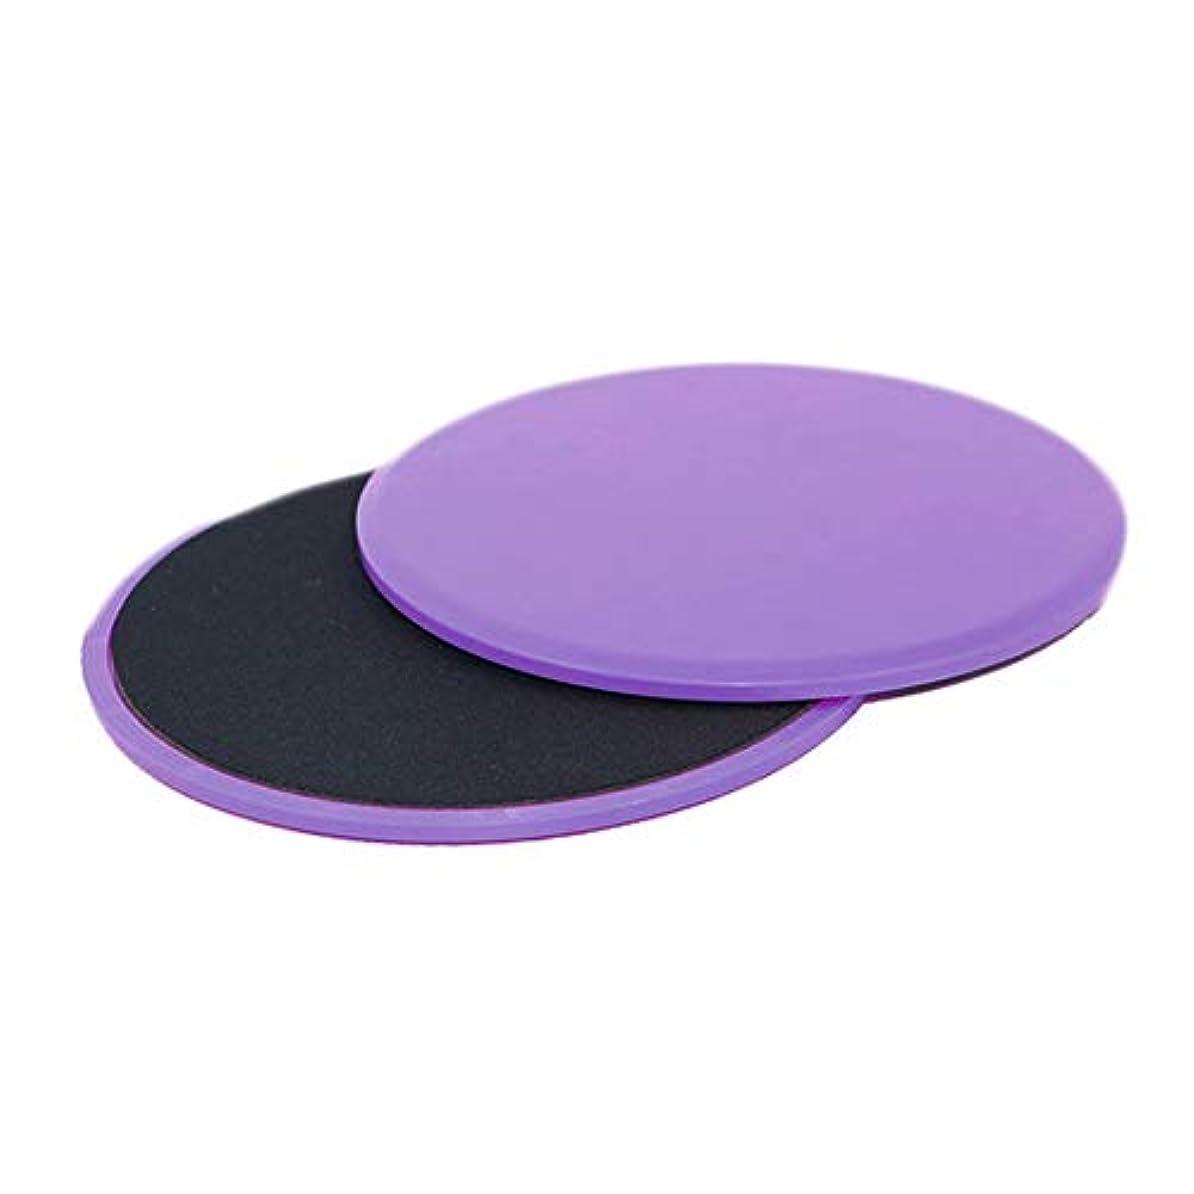 社員製作再編成するフィットネススライドグライディングディスク調整能力フィットネスエクササイズスライダーコアトレーニング腹部と全身トレーニング - パープル